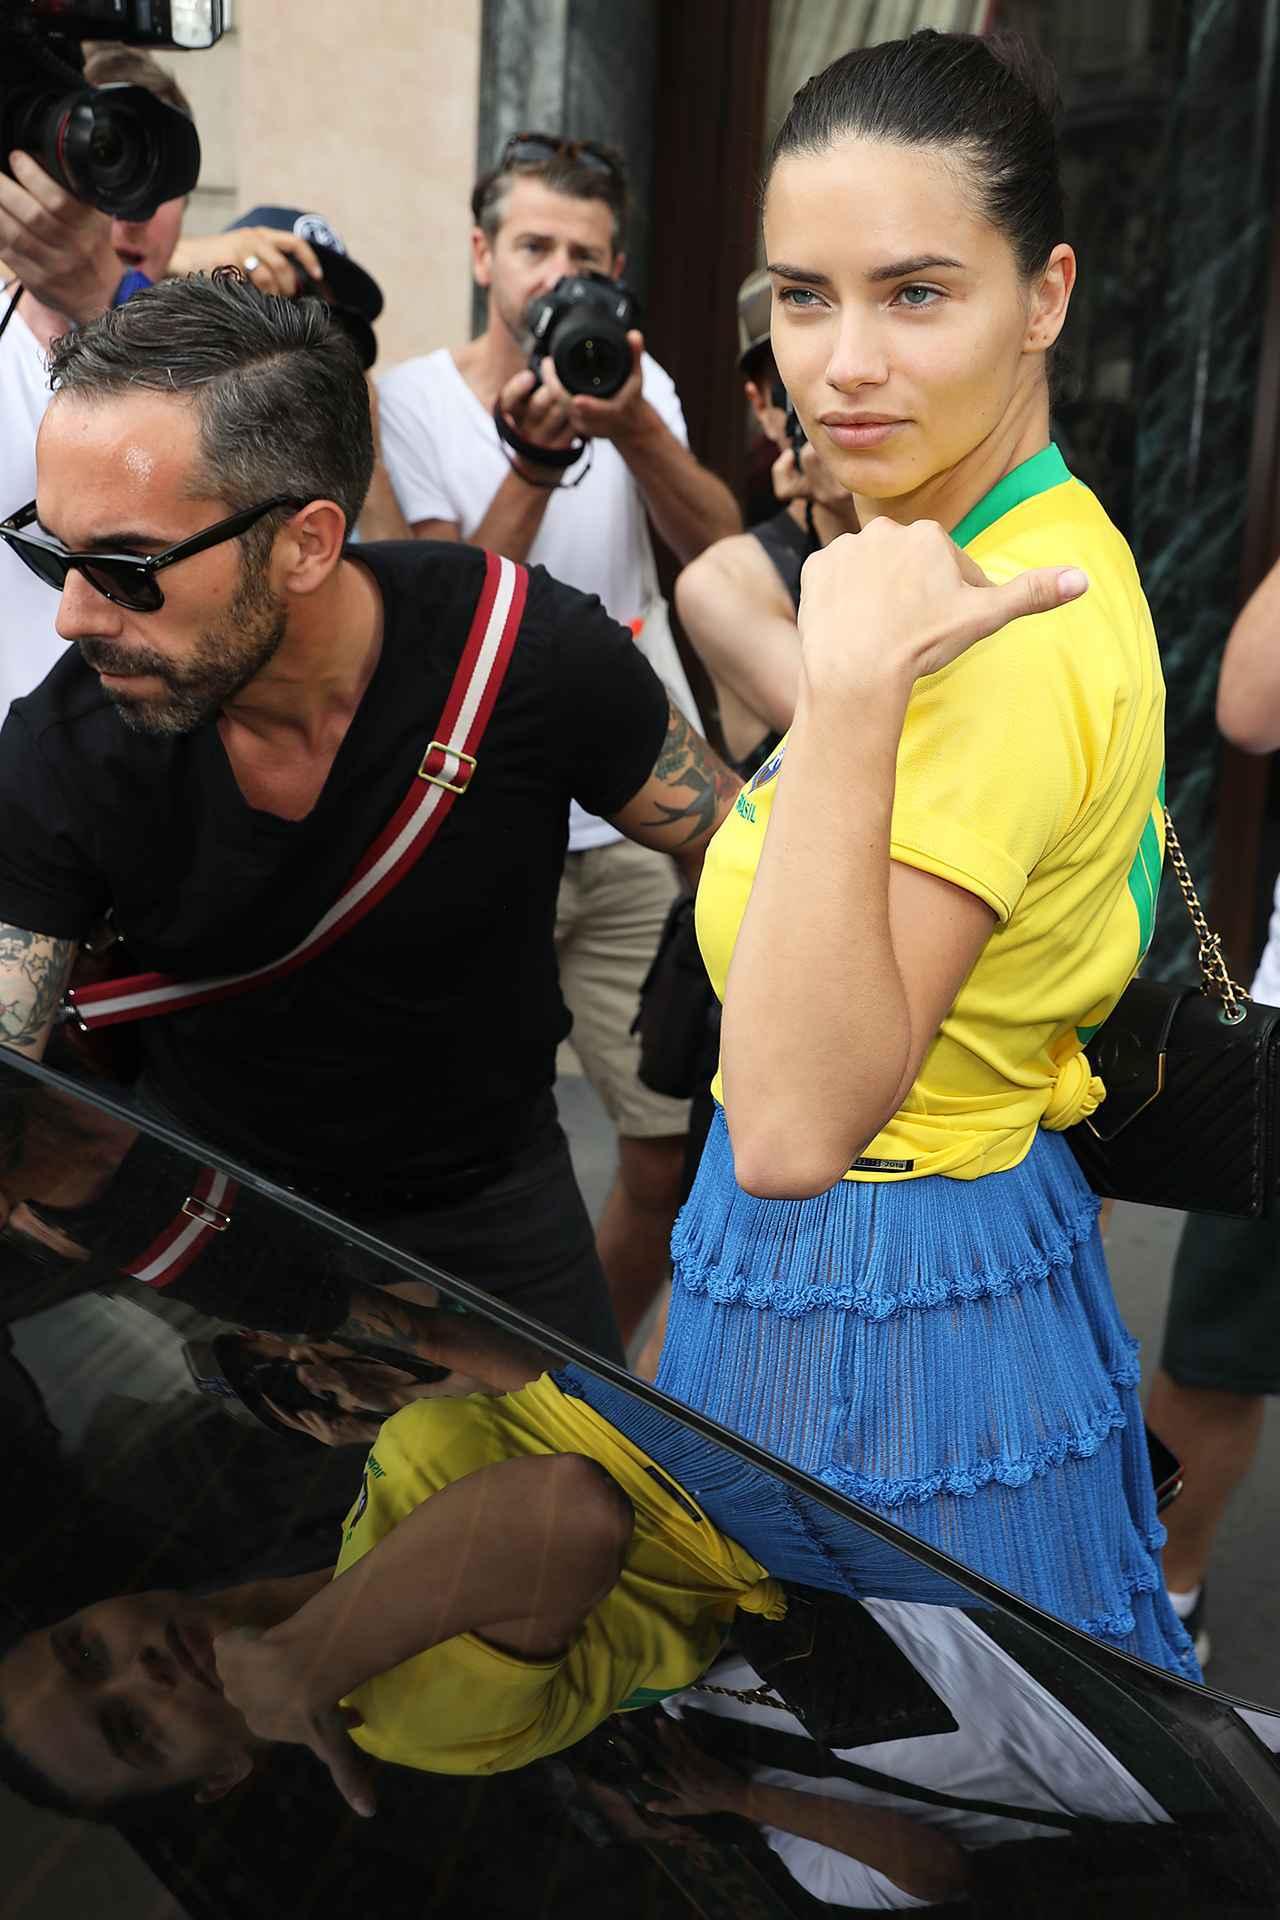 画像2: アドリアナ・リマ、ある方法でサッカーブラジル代表愛を炸裂させる